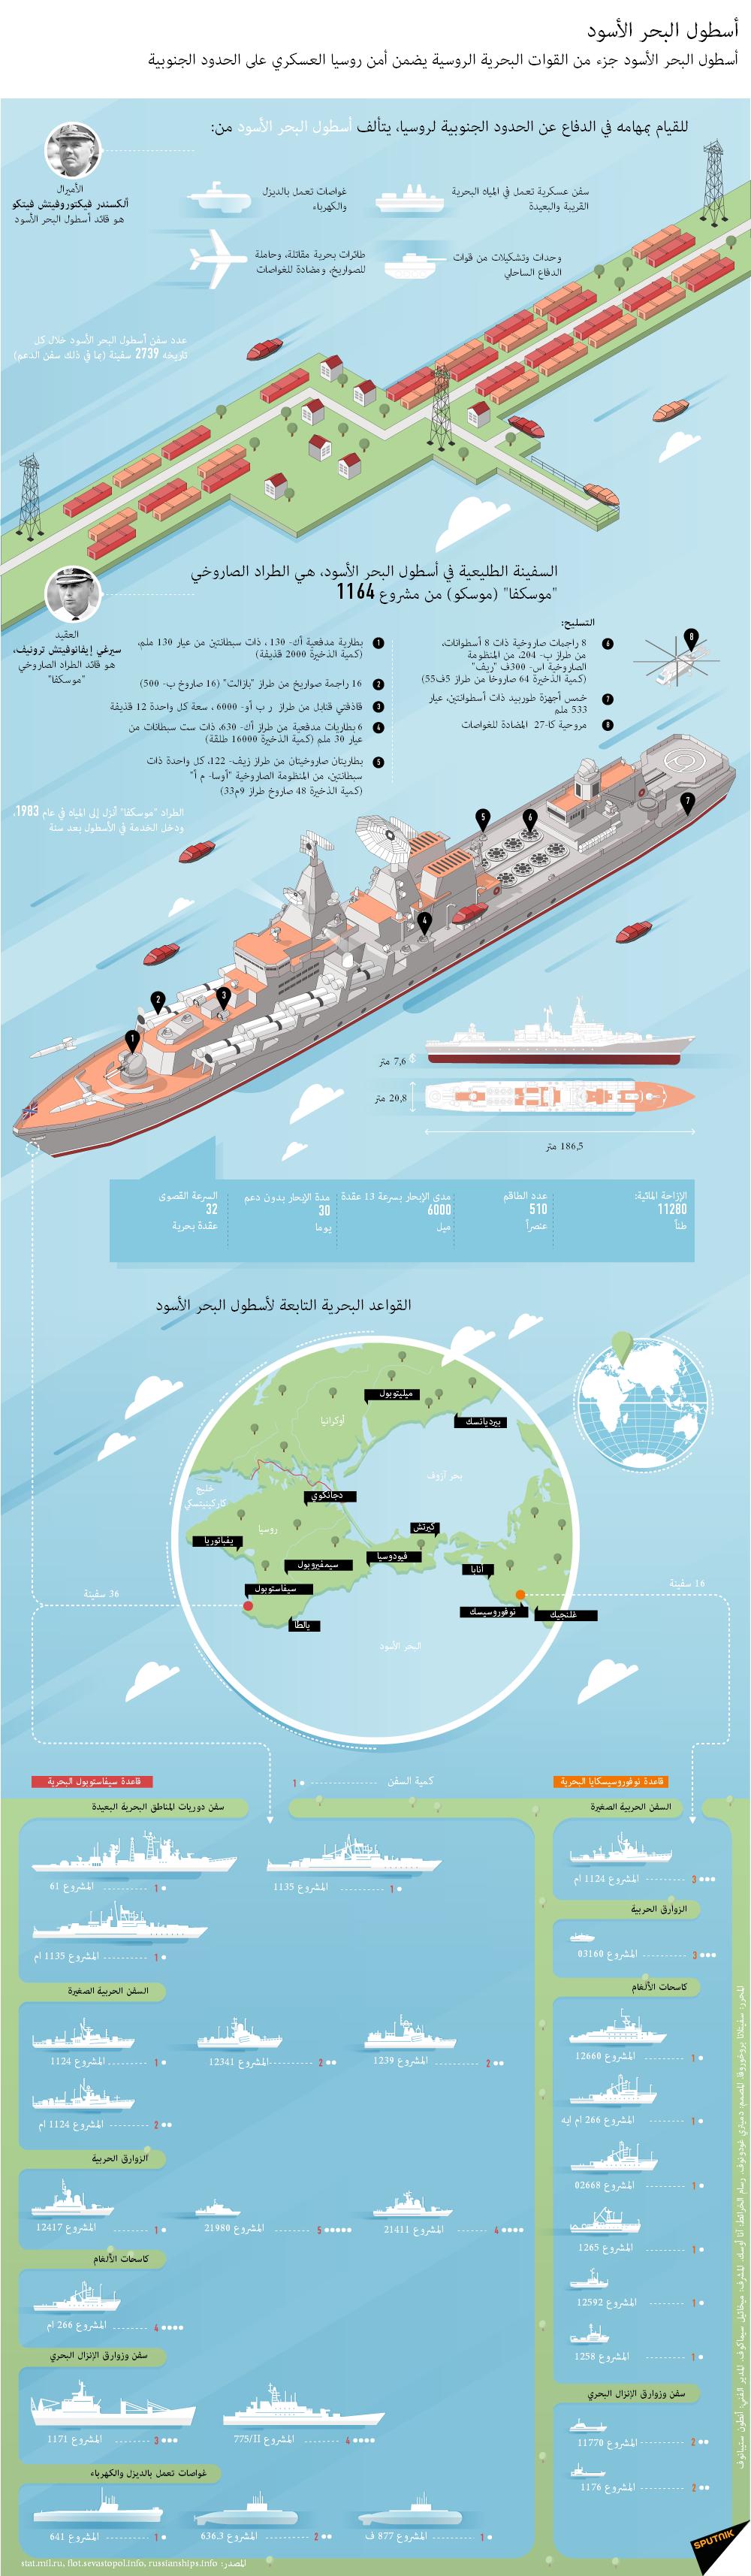 الاسطول الروسى فى البحر الاسود  1014652374